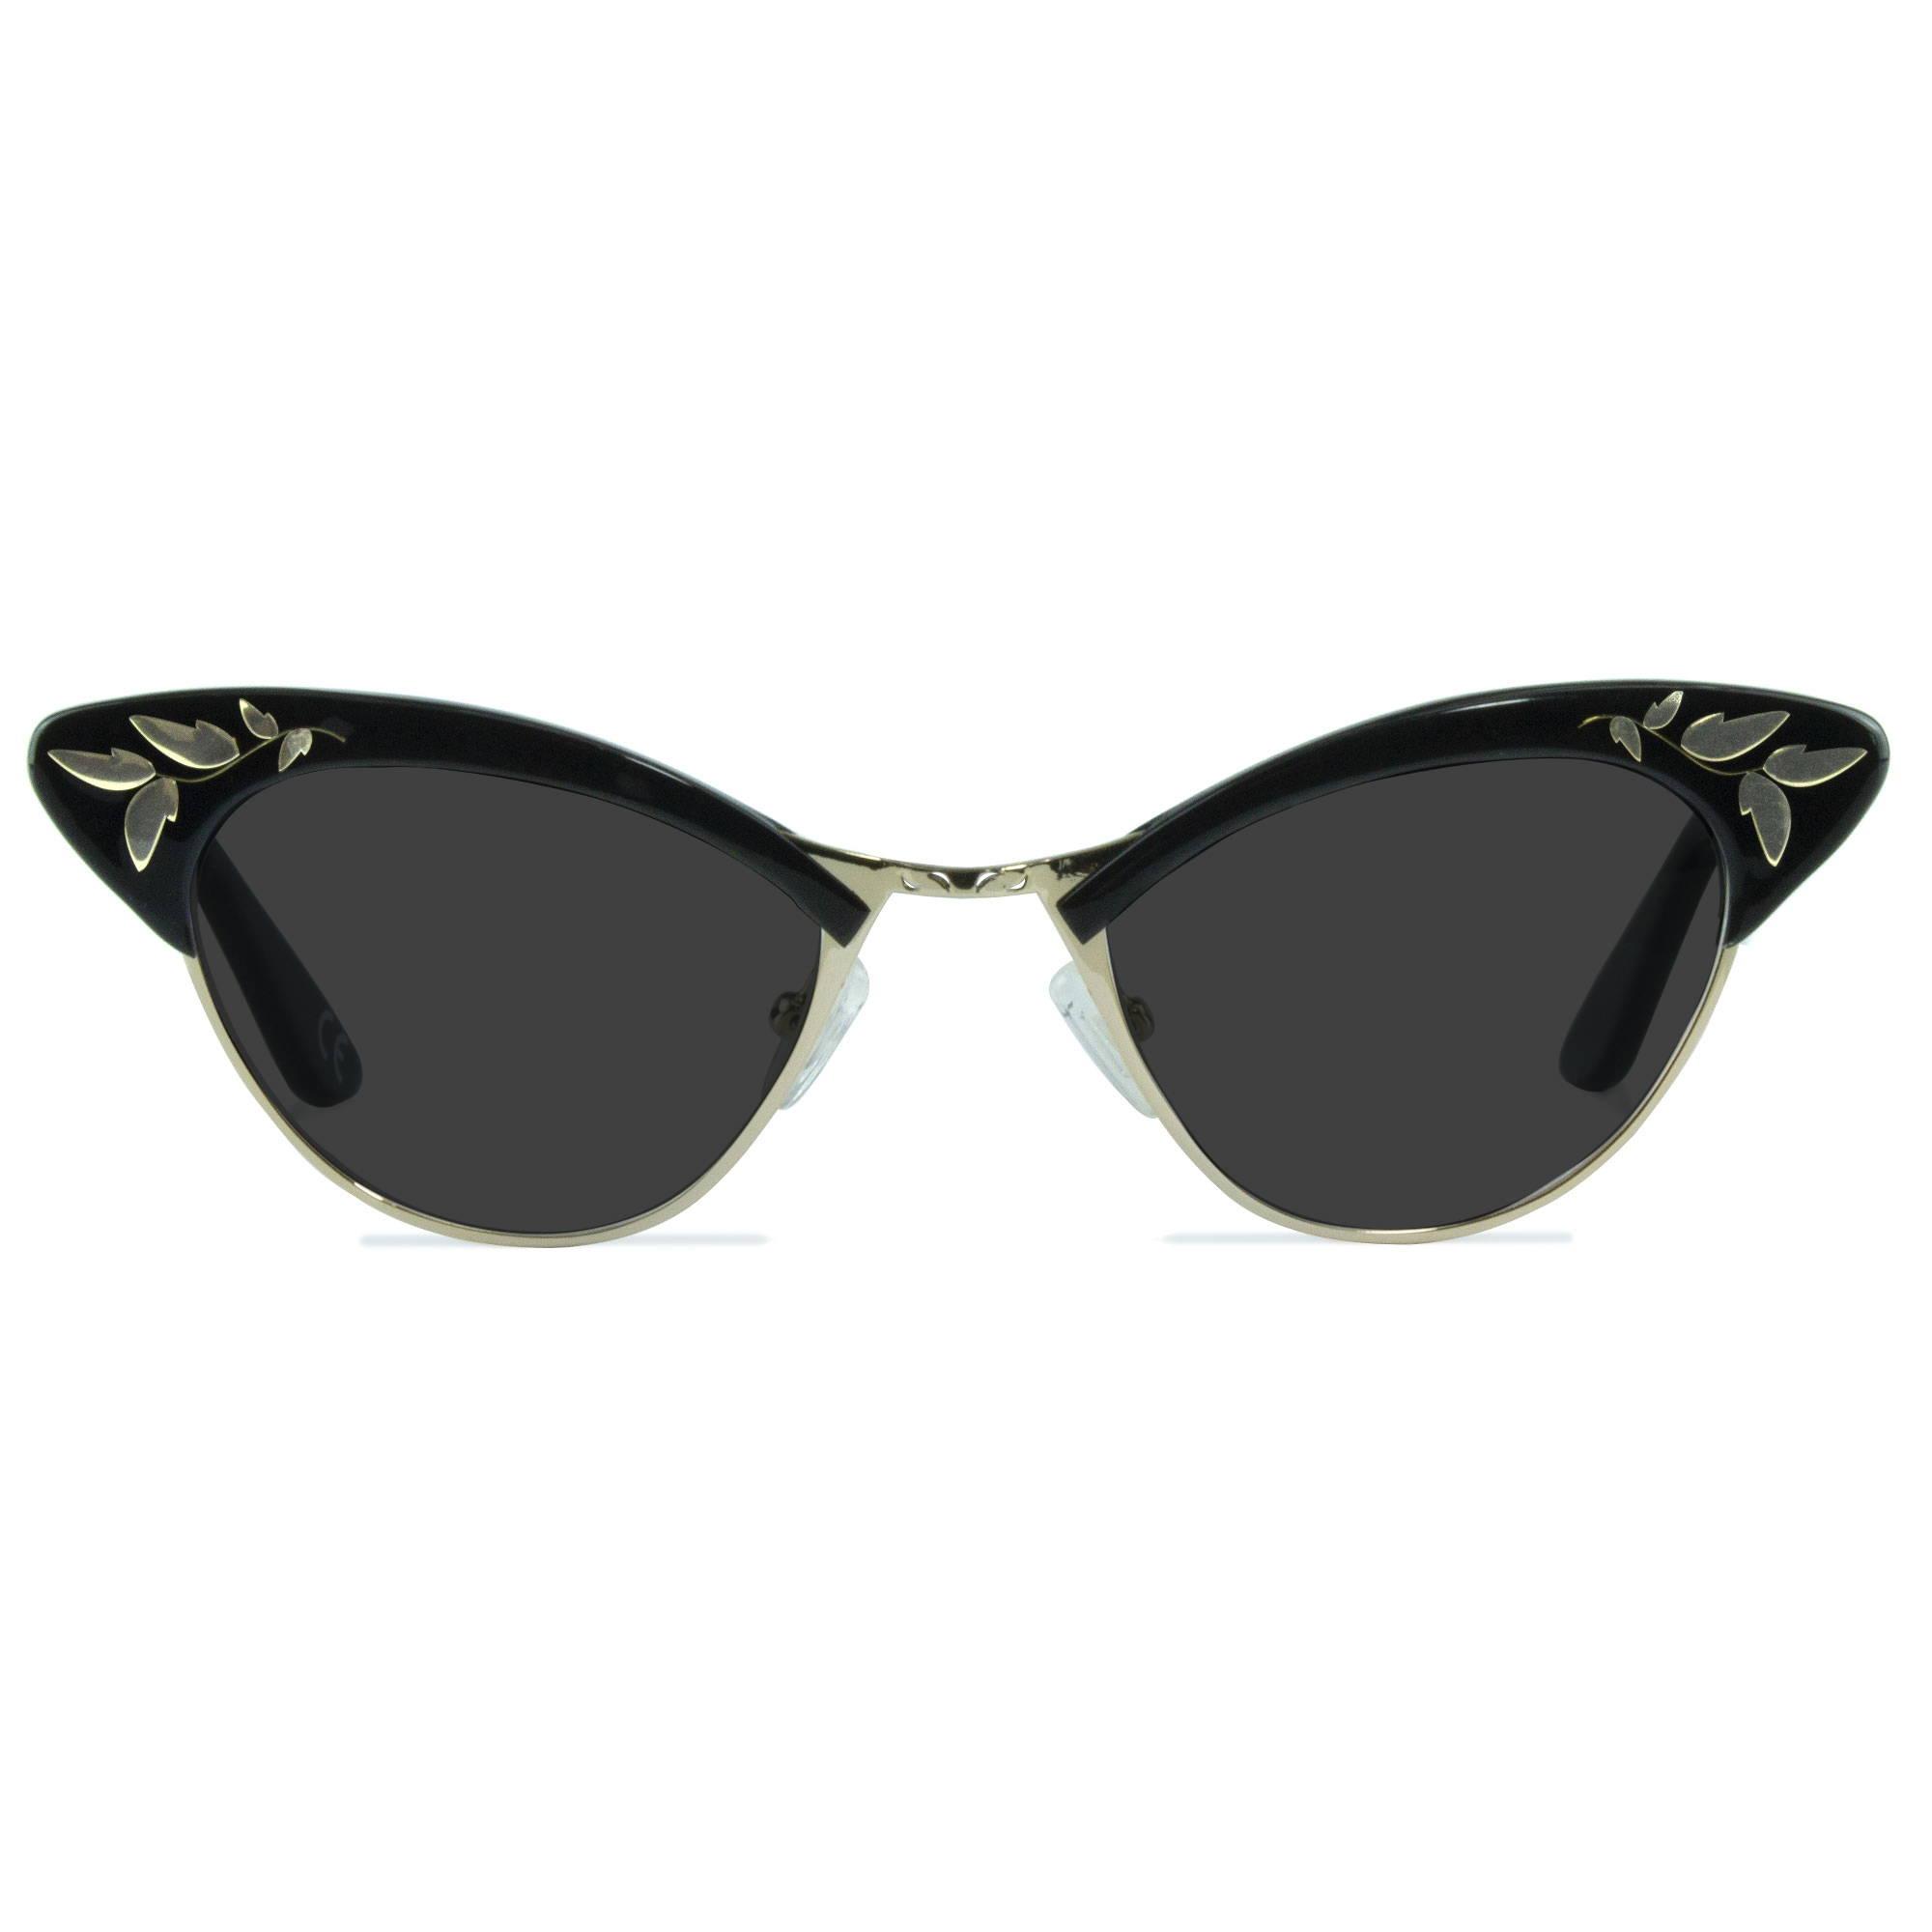 Joiuss rita black cat eye sunglasses